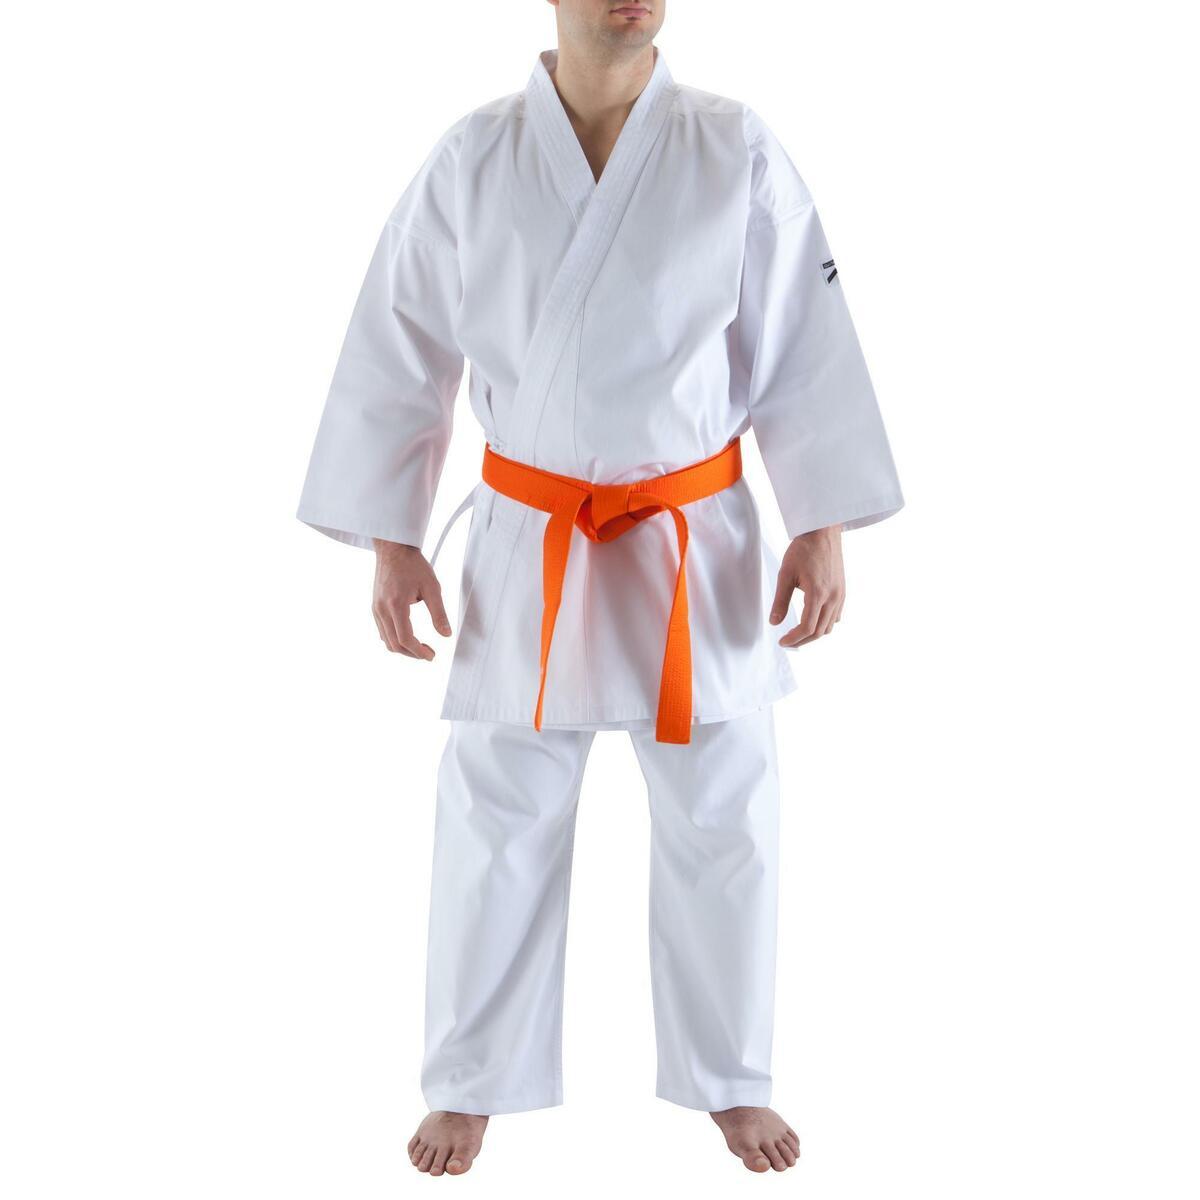 Bild 2 von Karateanzug Erwachsene 250